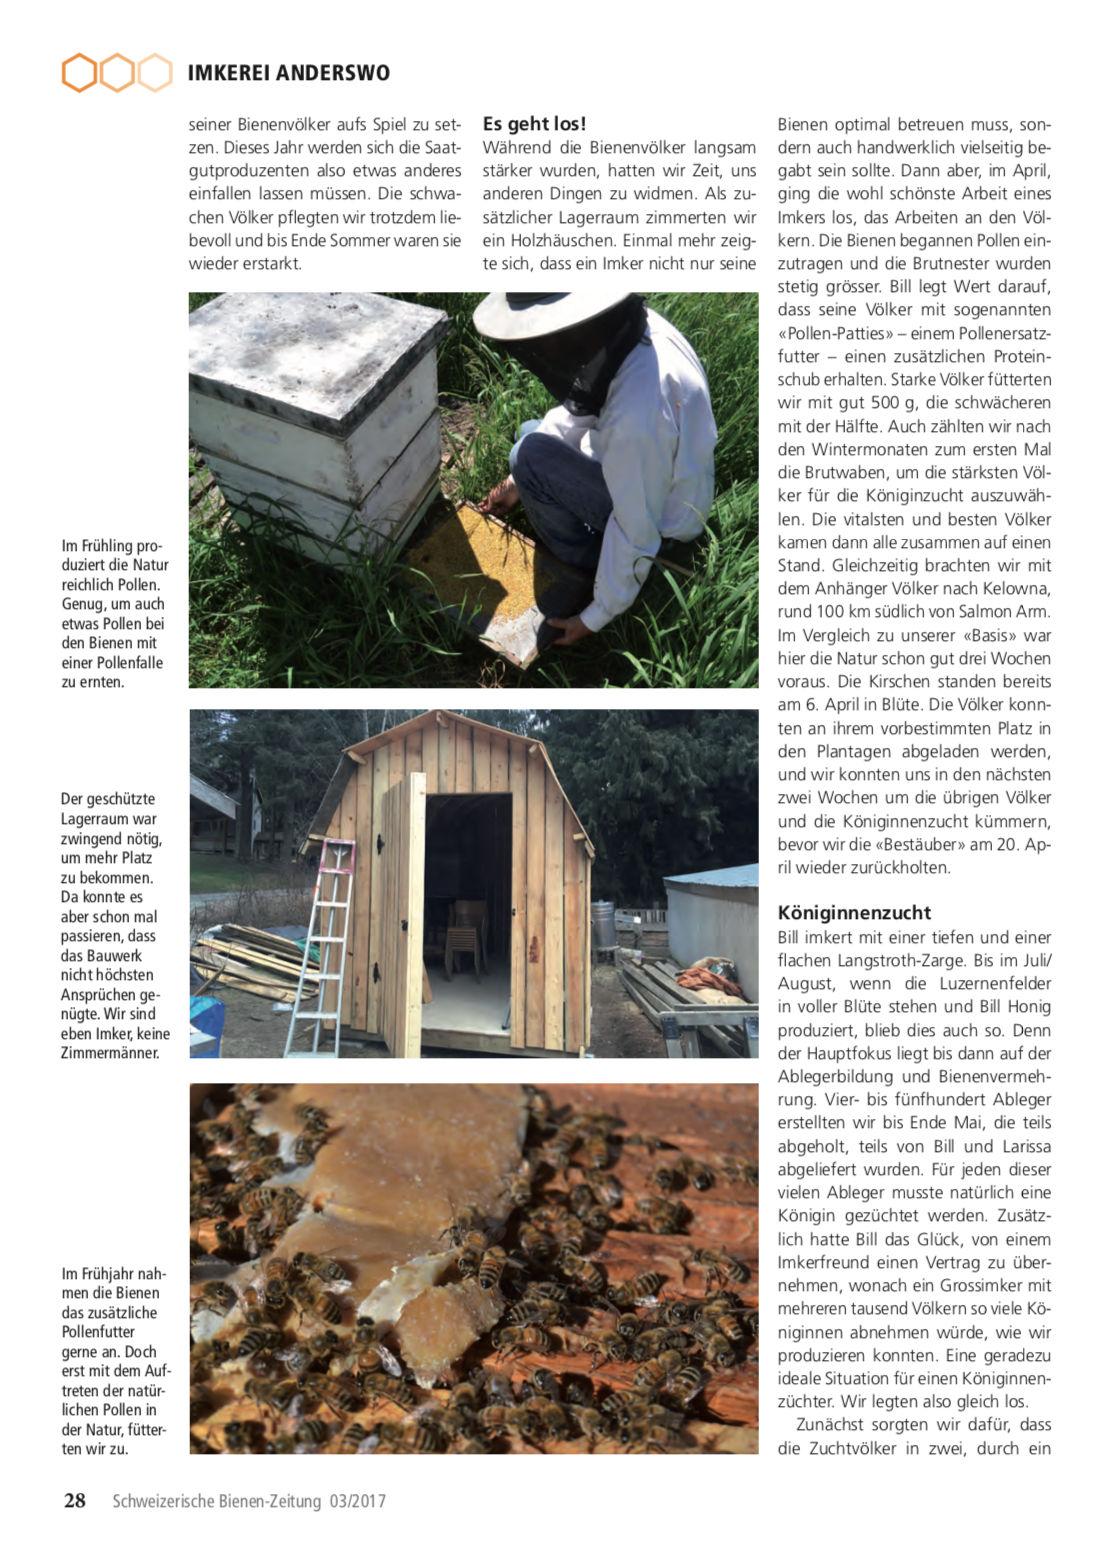 Artikel Imker auf Weltreise-dritte Station: Kanada Seite 3 Schweizerische Bienenzeitung Felix Mrowka